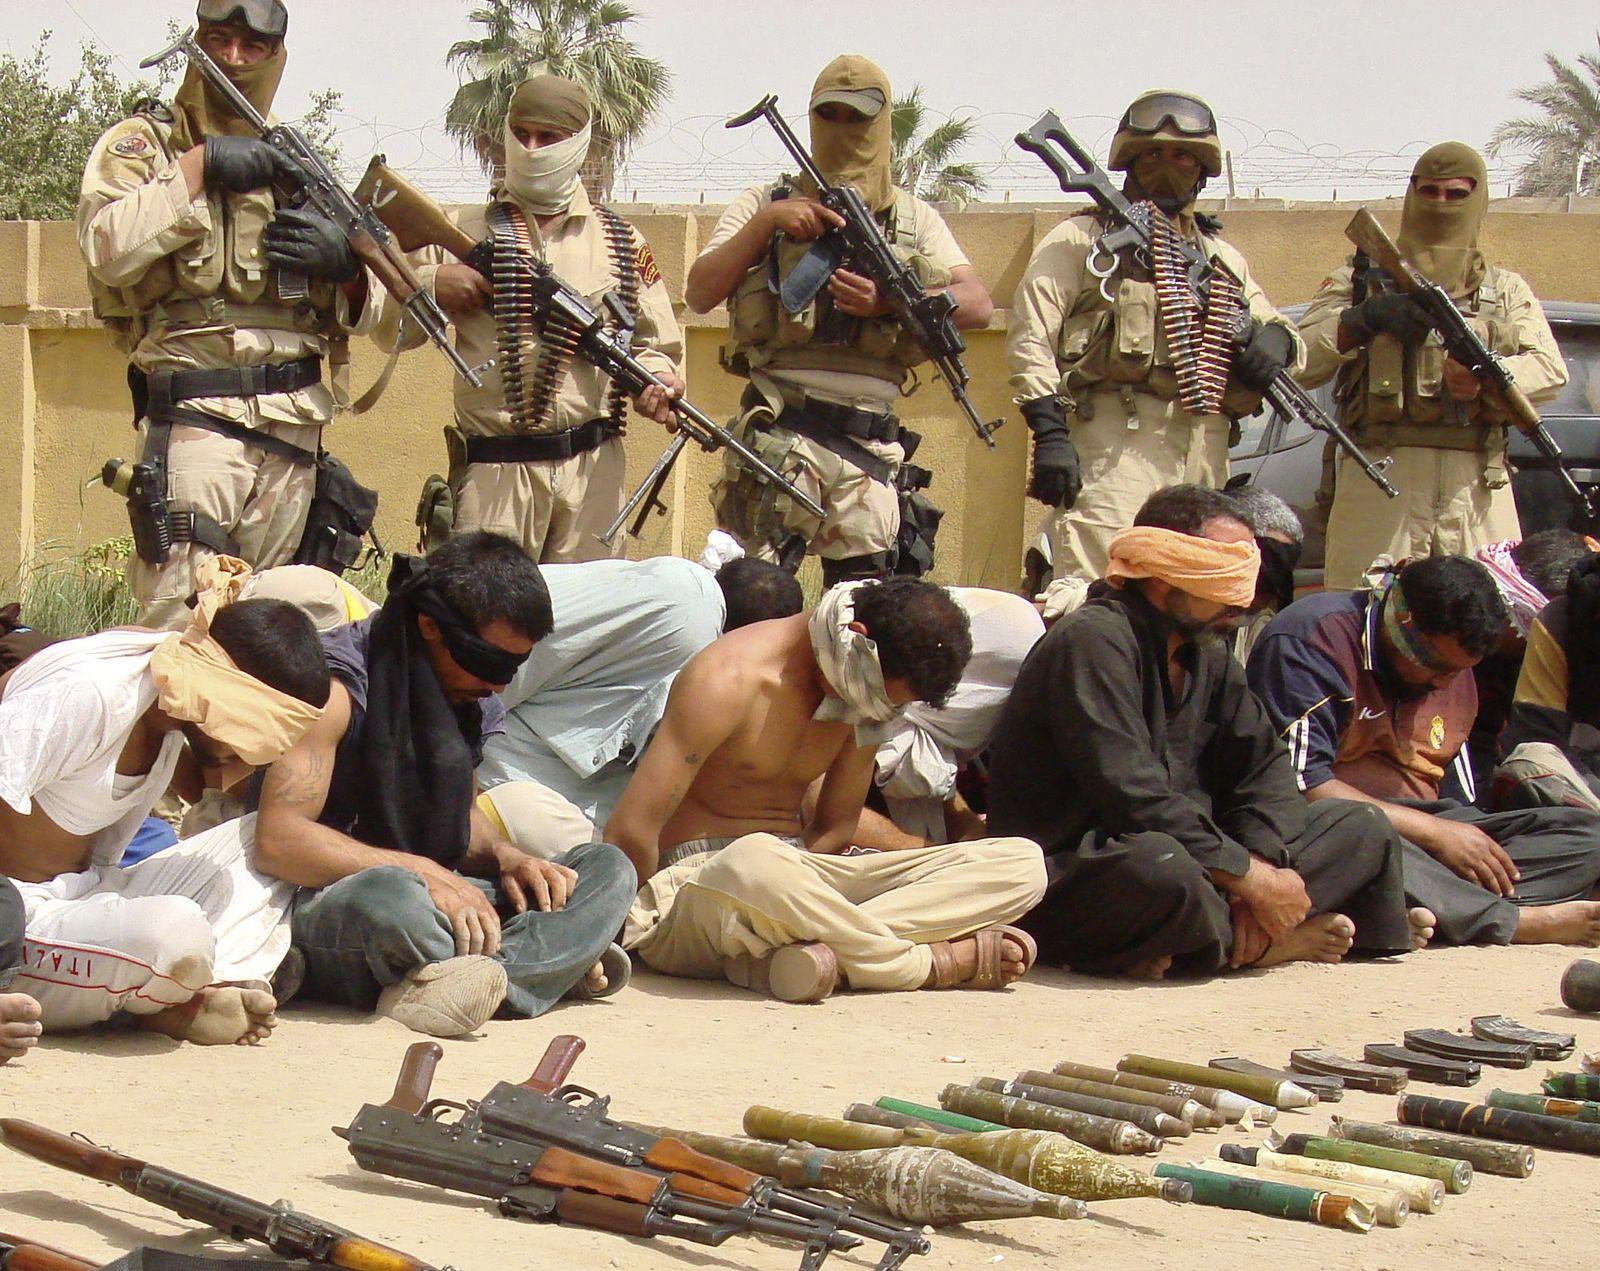 Widerstand gegen die Milizen